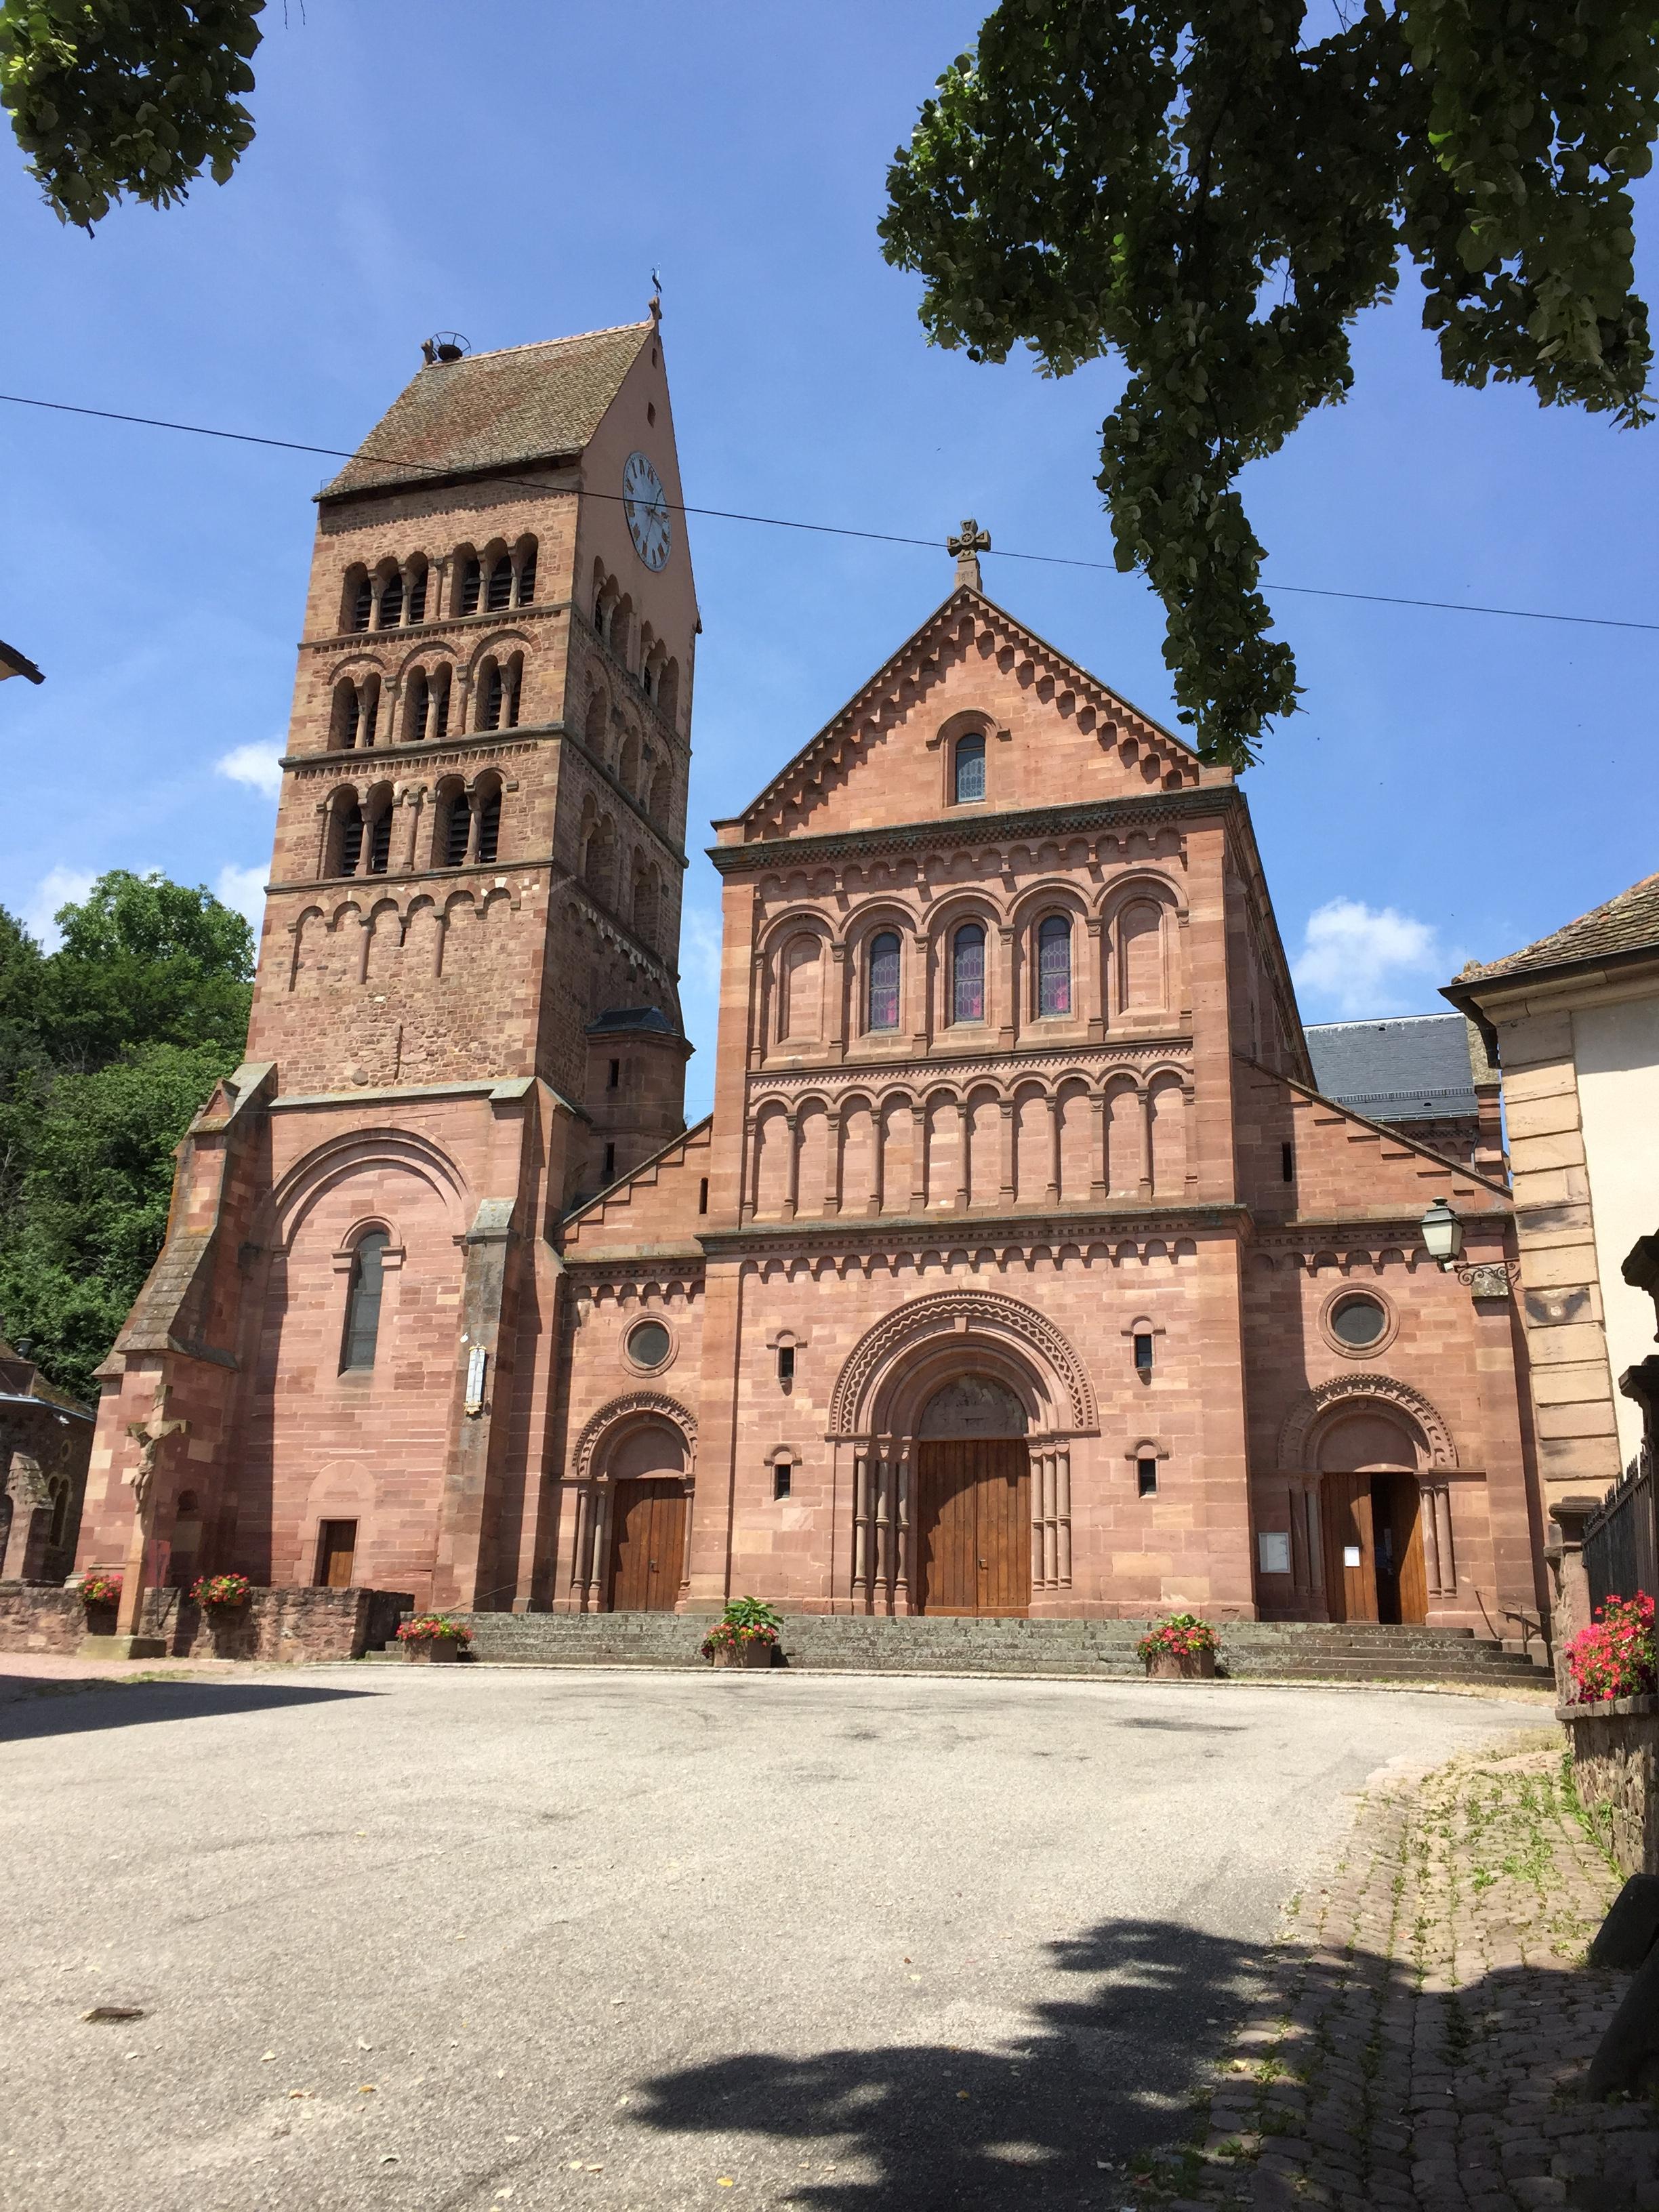 La façade de l'église Saint-Pantaléon de Gueberschwihr